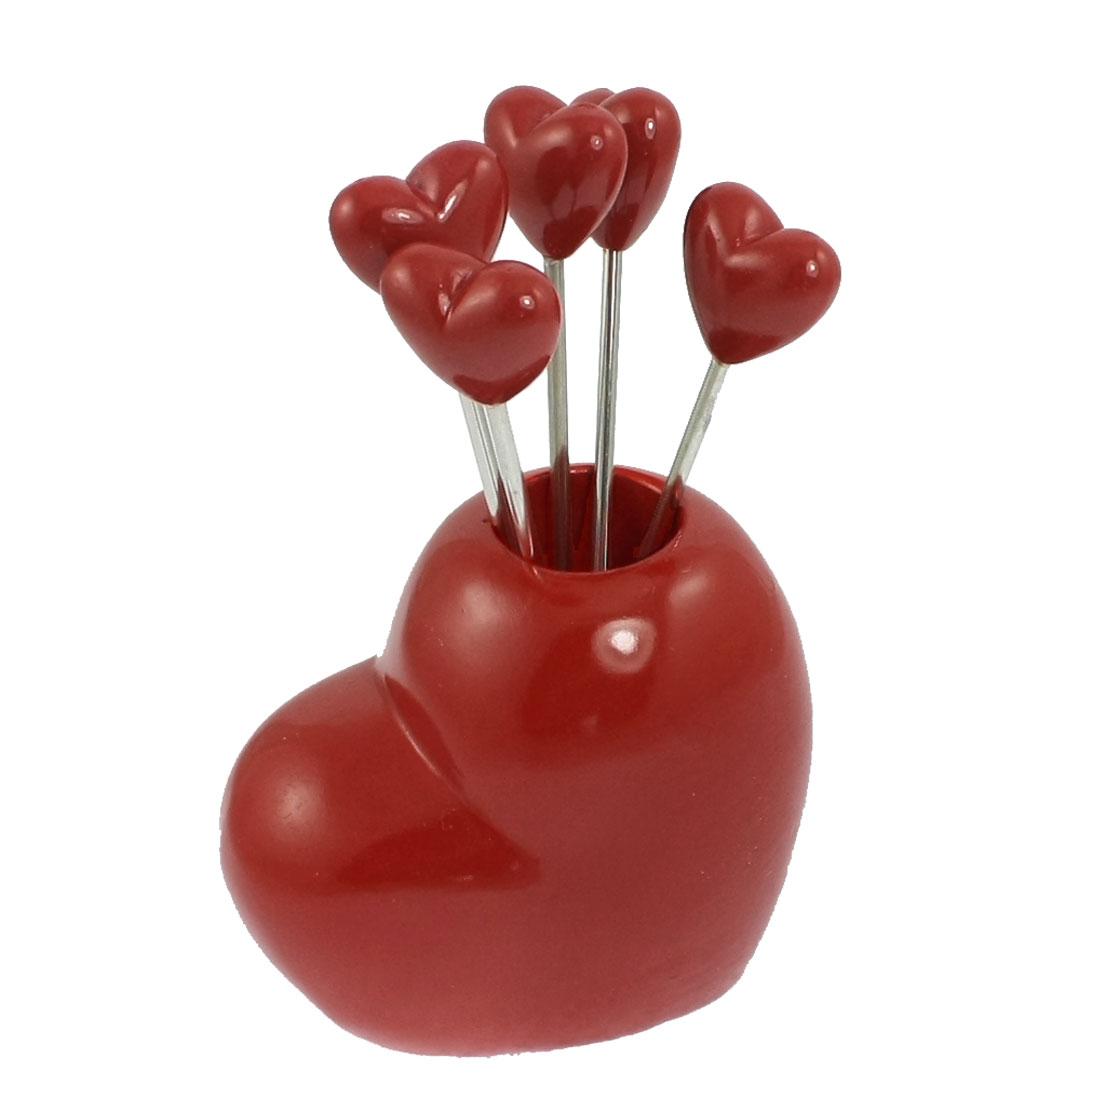 Home Red Heart Shaped Holder Fruit Fork Set 5-Forks Set